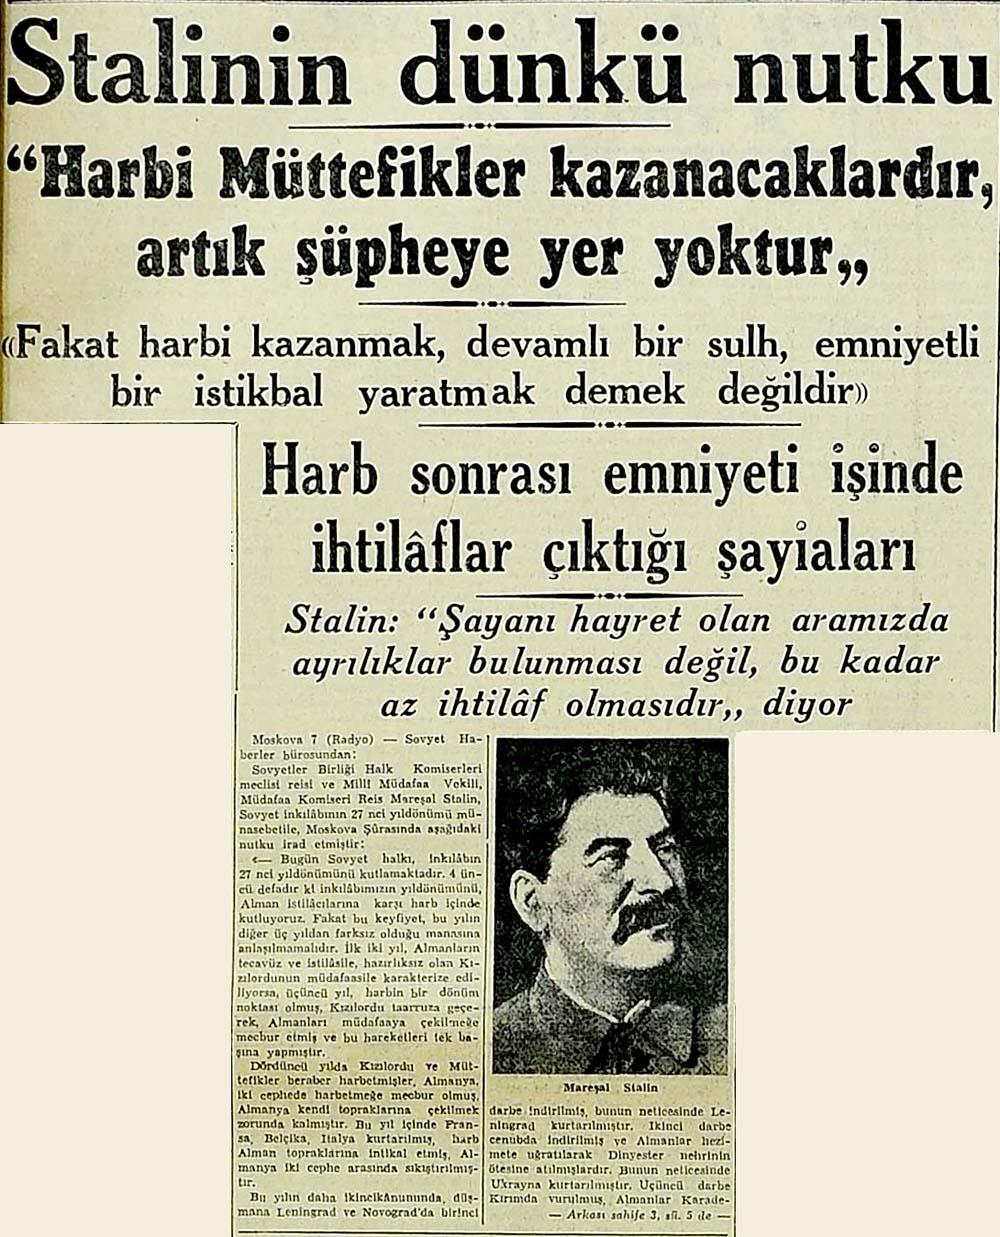 Stalinin dünkü nutku